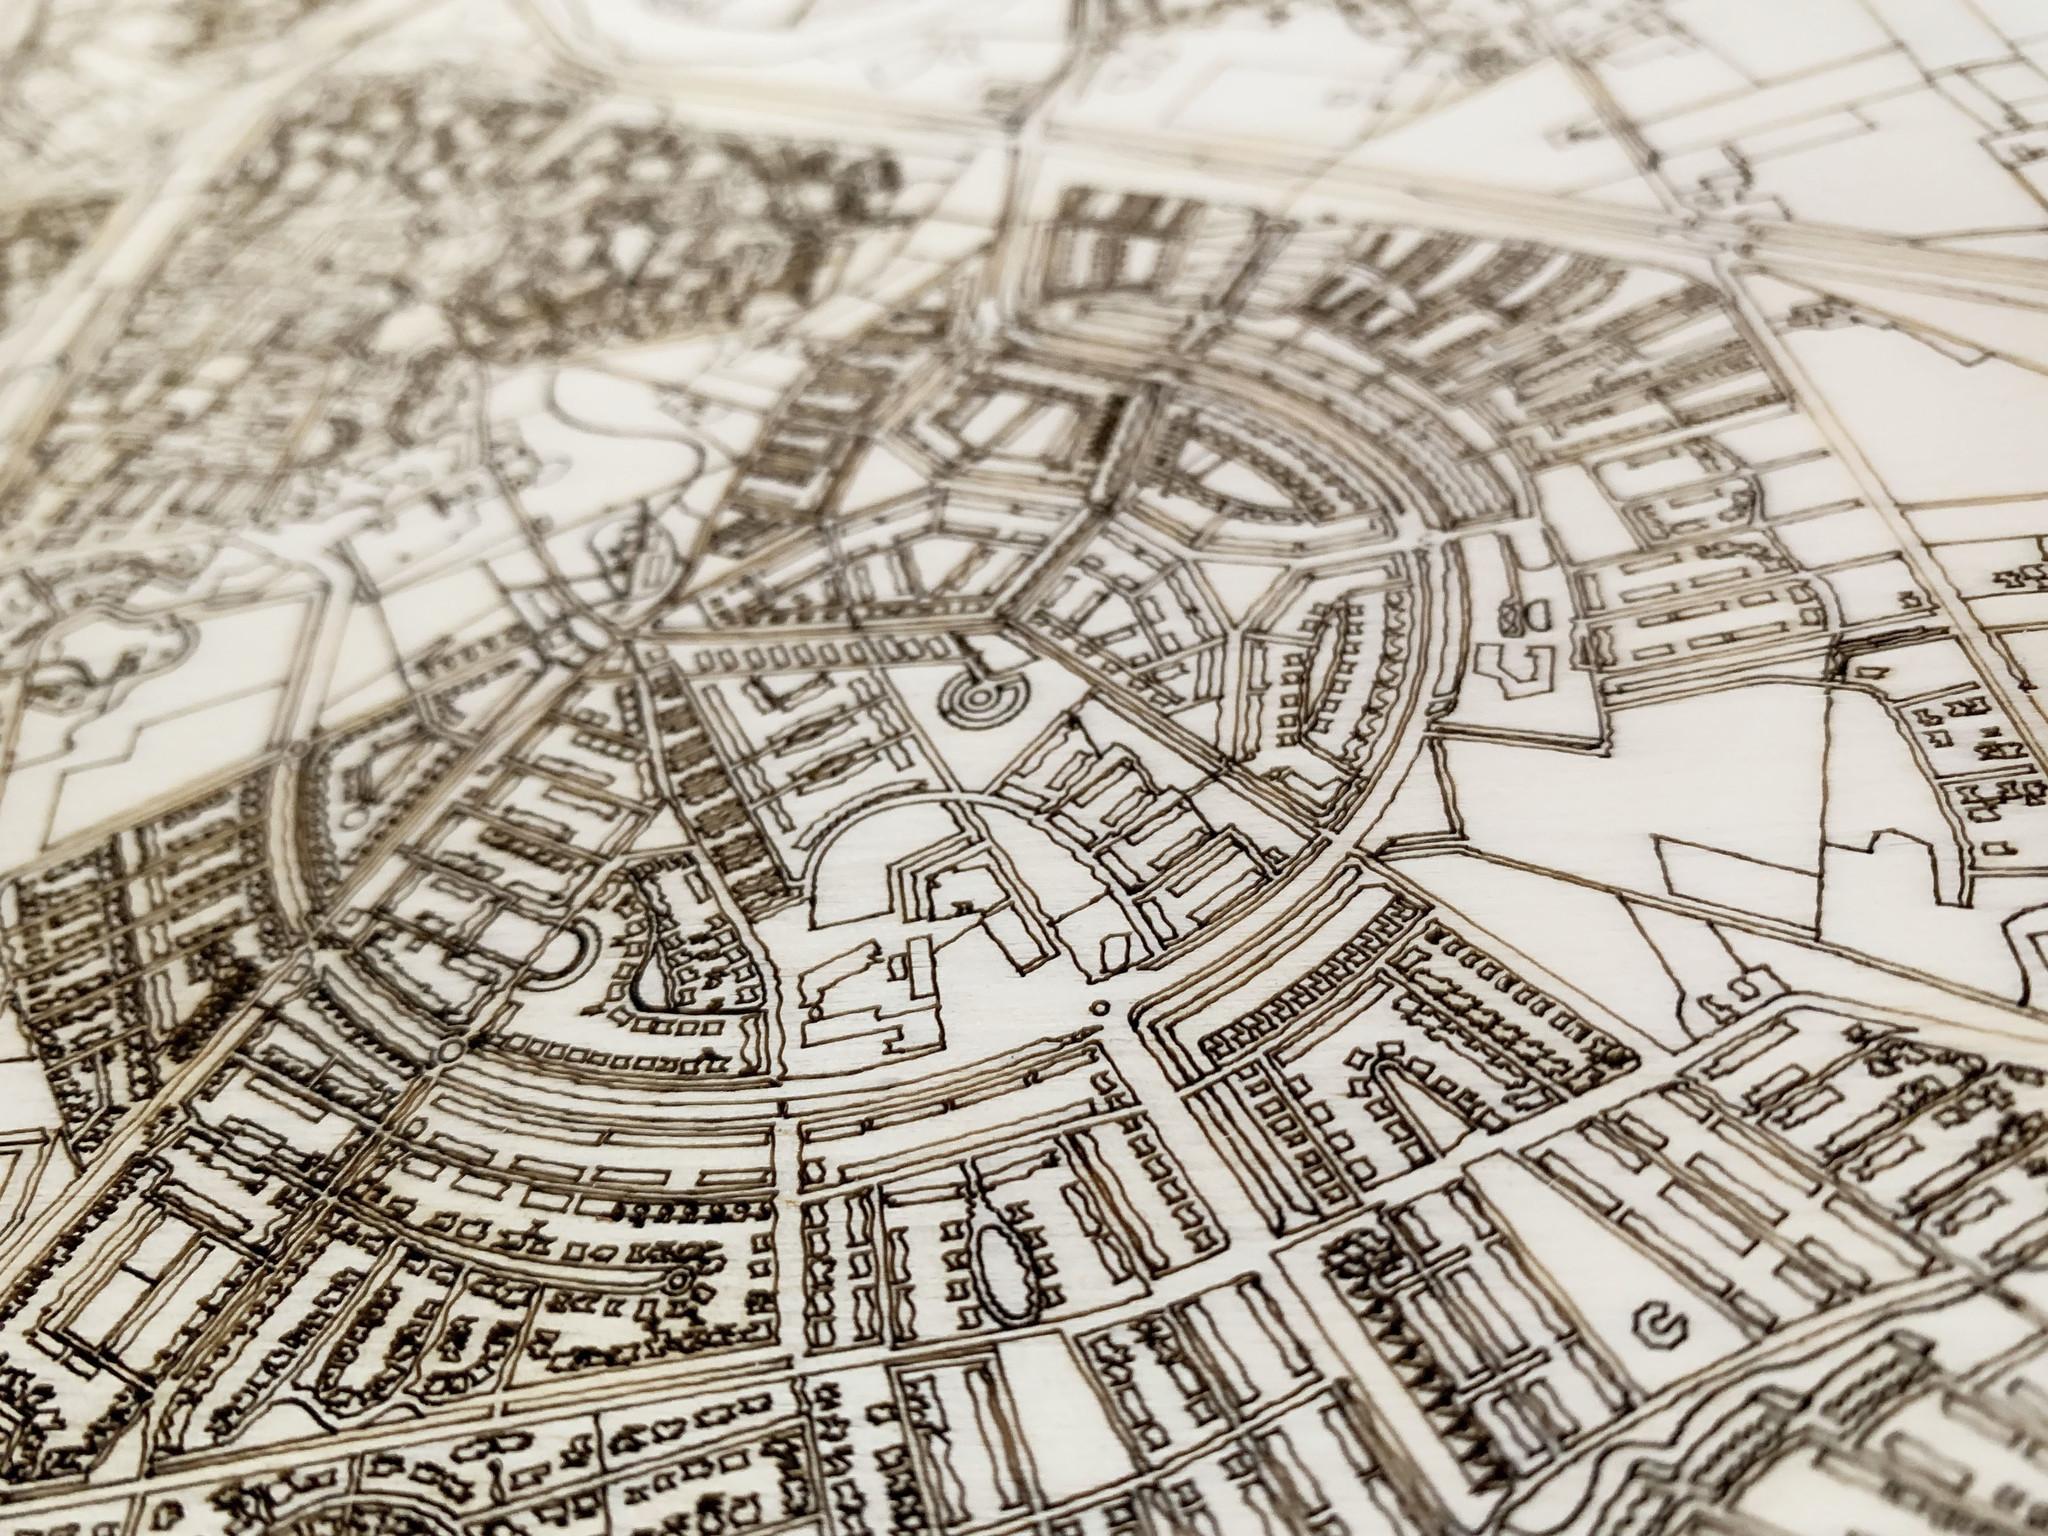 Houten stadsplattegrond Al Hoceima-4